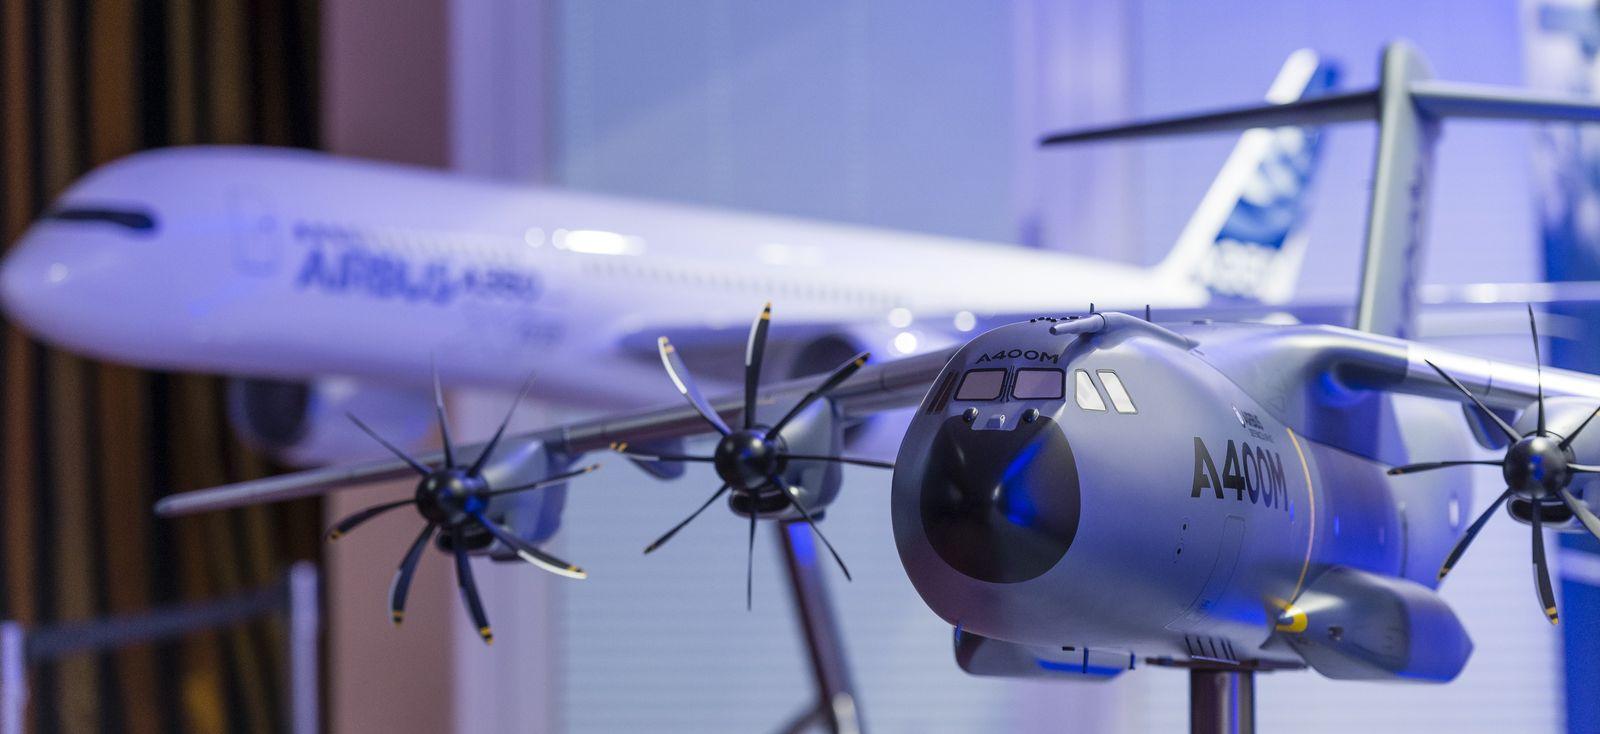 GERMANY-AEROSPACE-COMPANY-EARNINGS-AIRBUS